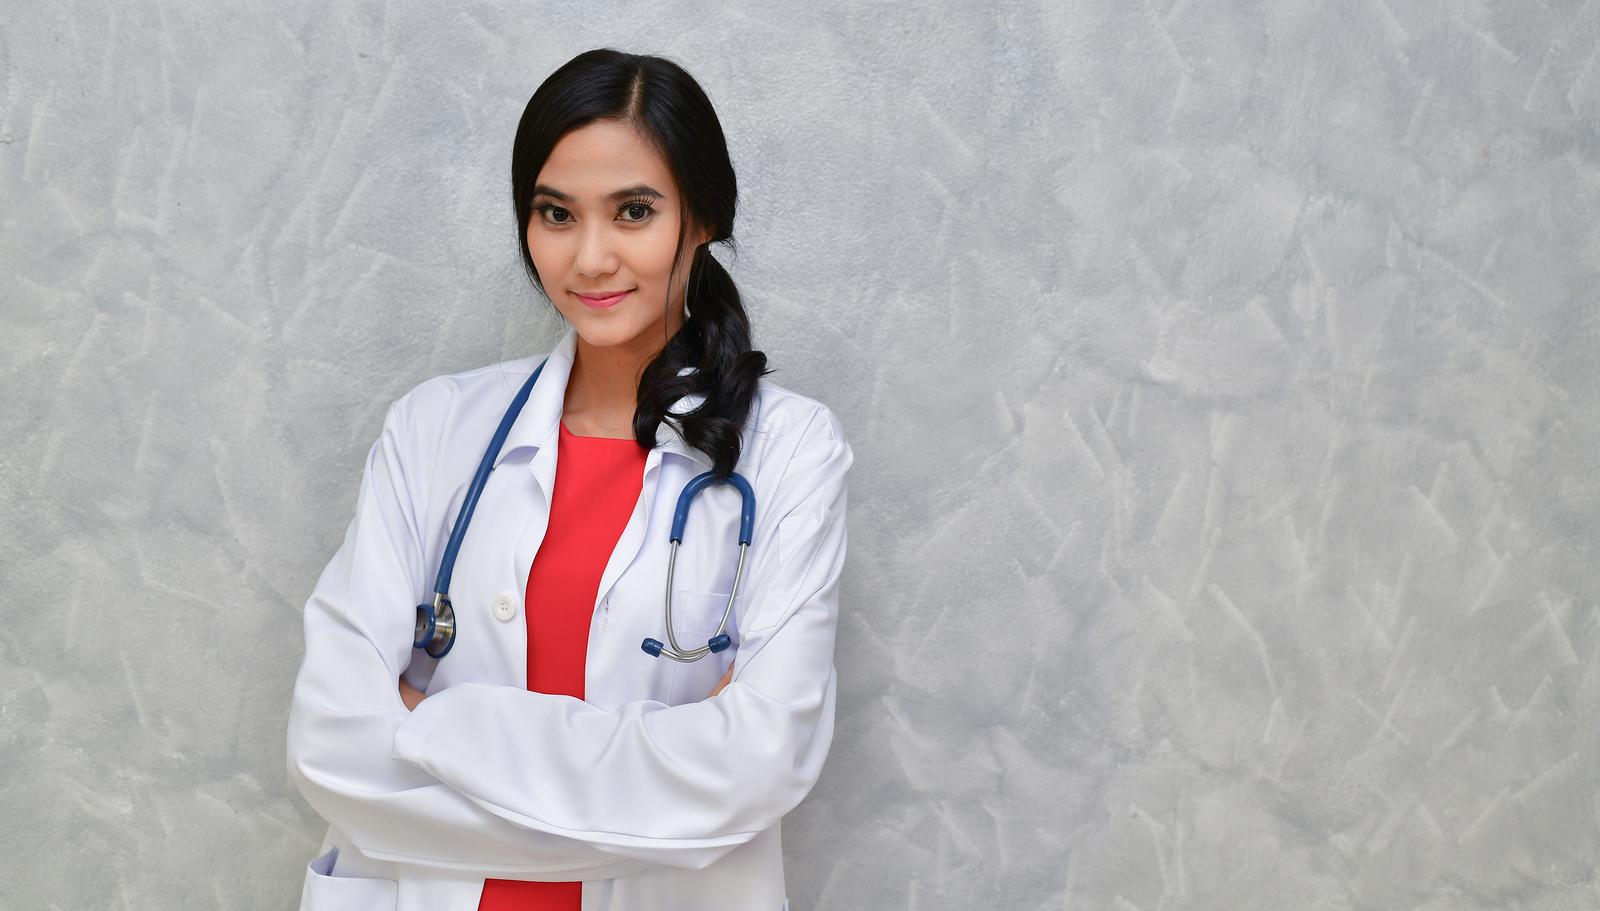 Mahasiswi Kedokteran Cantik dan manis Imut seksi sekali